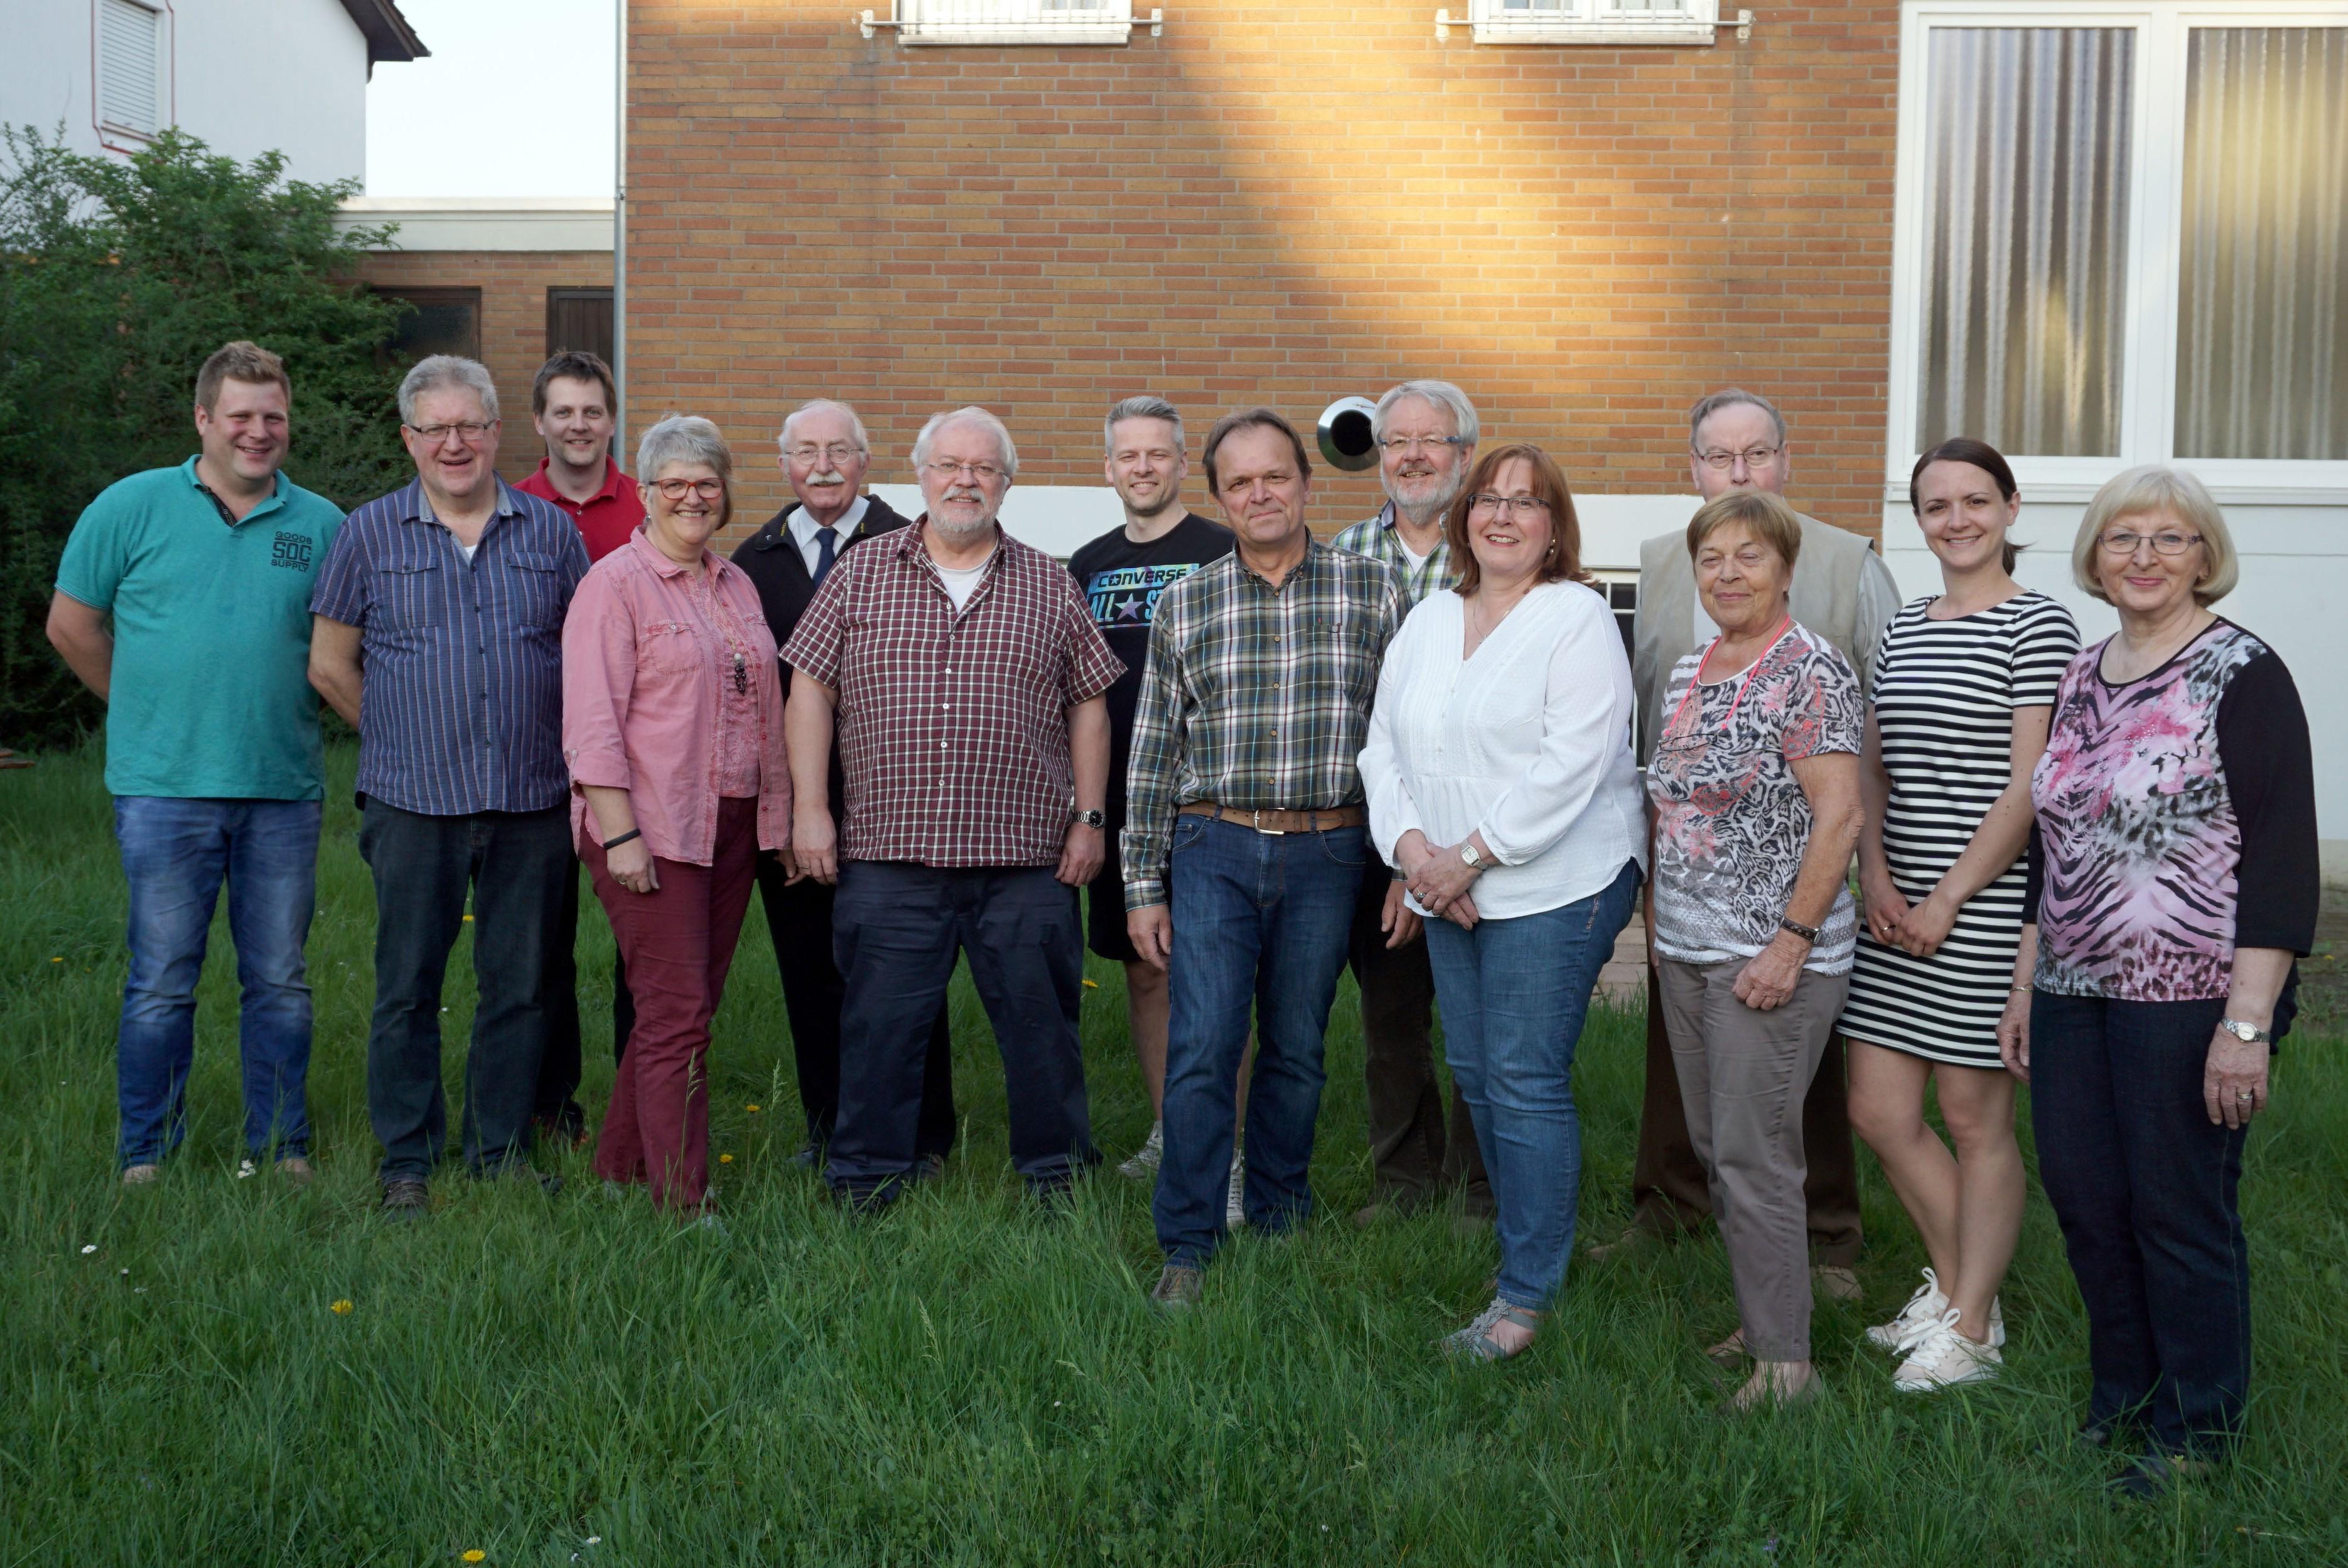 Vorstand der Kolpingsfamilie Weinheim 2018